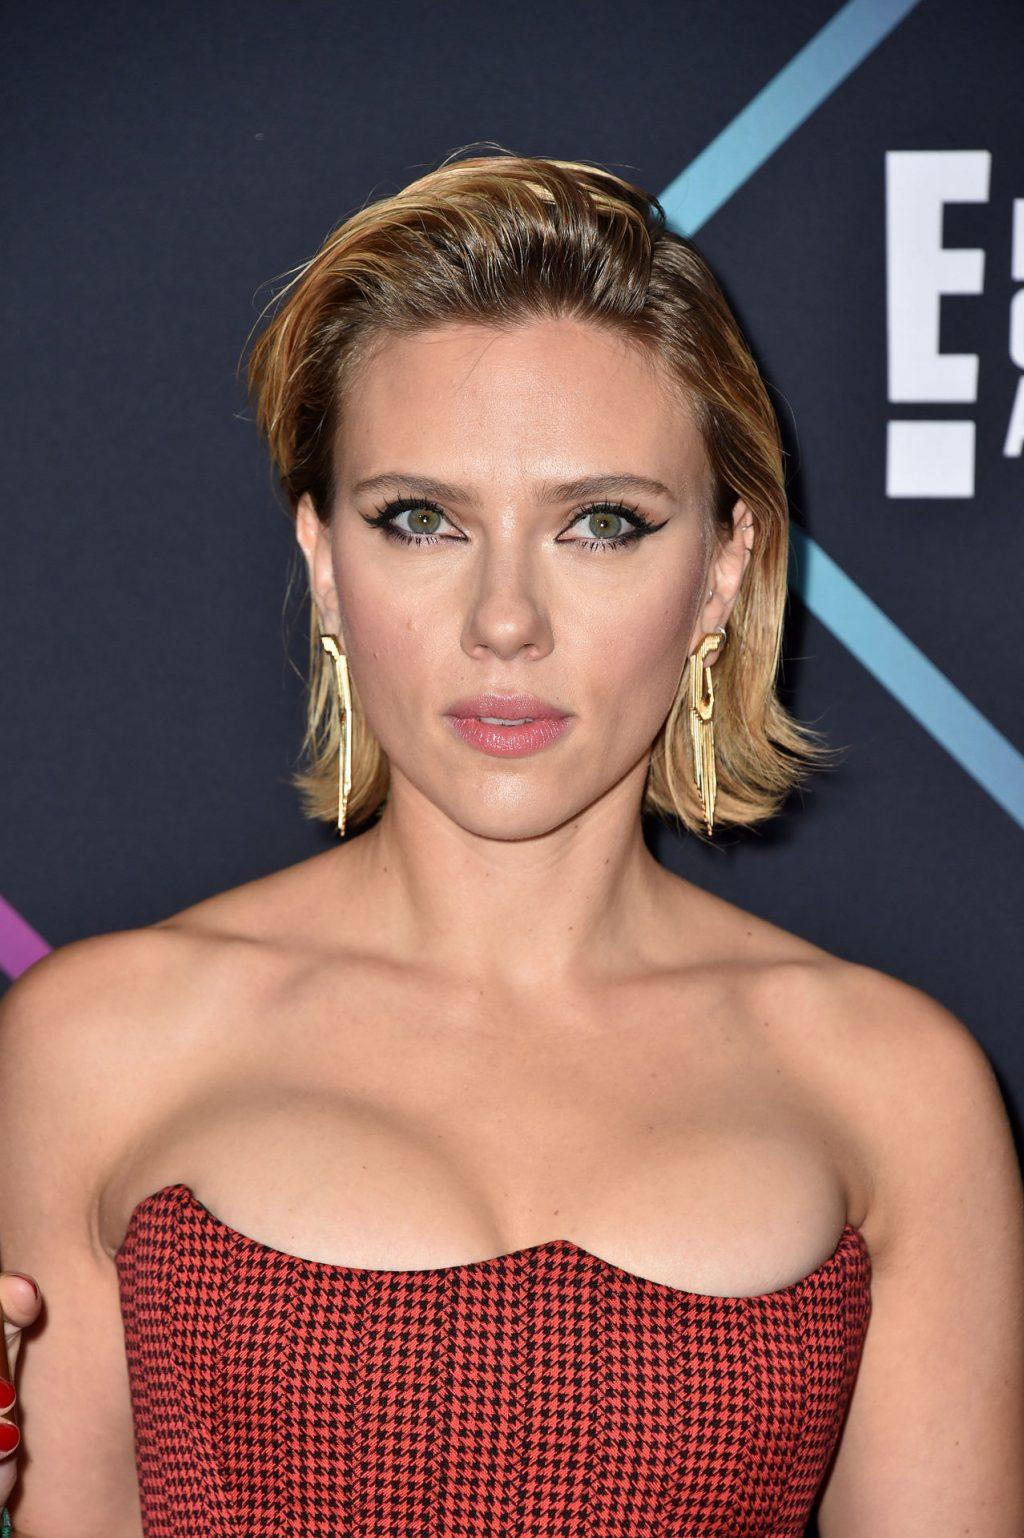 61 Sexiest Scarlett Johansson Boobs Pictures Will Make ...   Scarlett Johansson